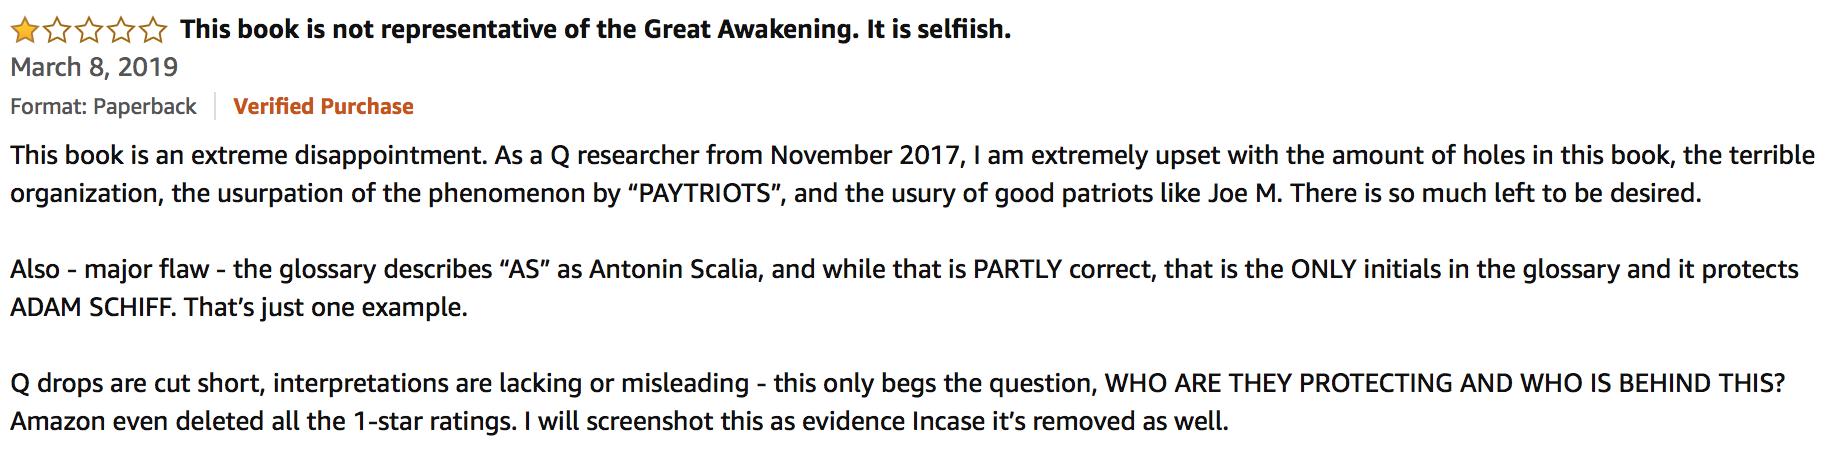 Dieses Buch ist nicht repräsentativ für the Great Awakening